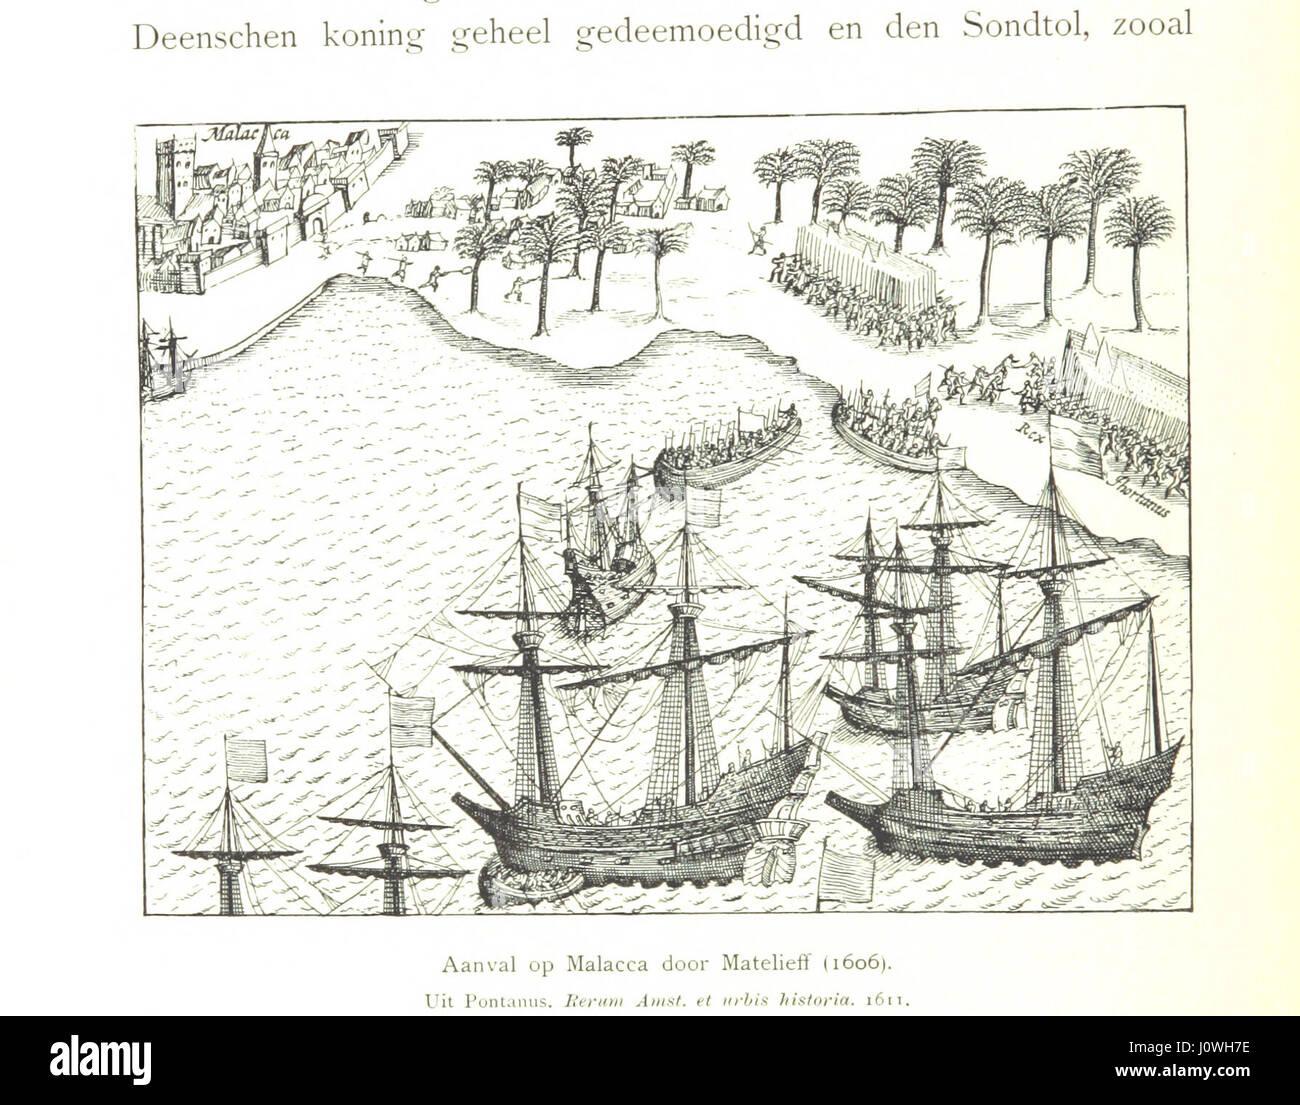 Onze Gouden Eeuw. De Republiek der Vereenigde Nederlanden in haar bloeitijd ... Geïllustreerd onder toezicht van - Stock Image